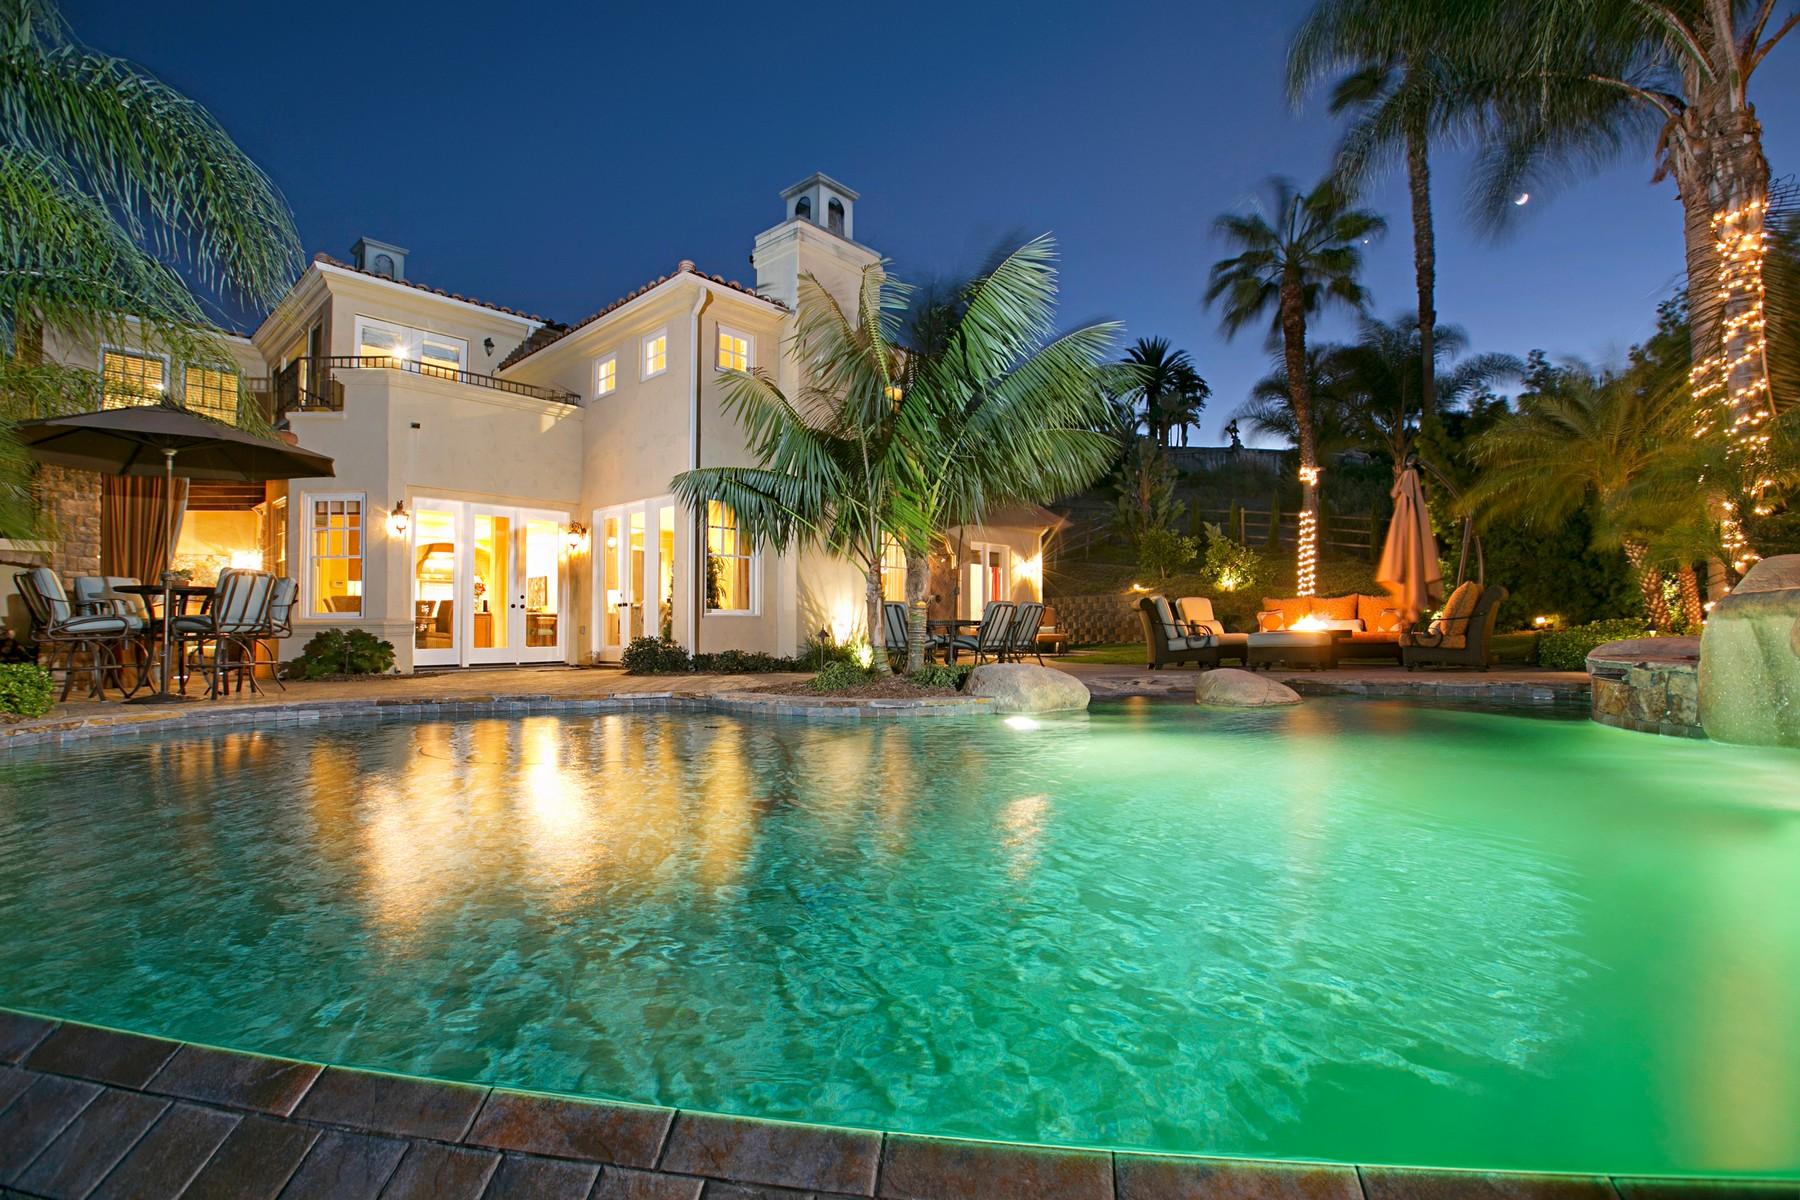 Casa Unifamiliar por un Venta en 3376 Calle Tres Vistas Rancho Santa Fe, California, 92067 Estados Unidos